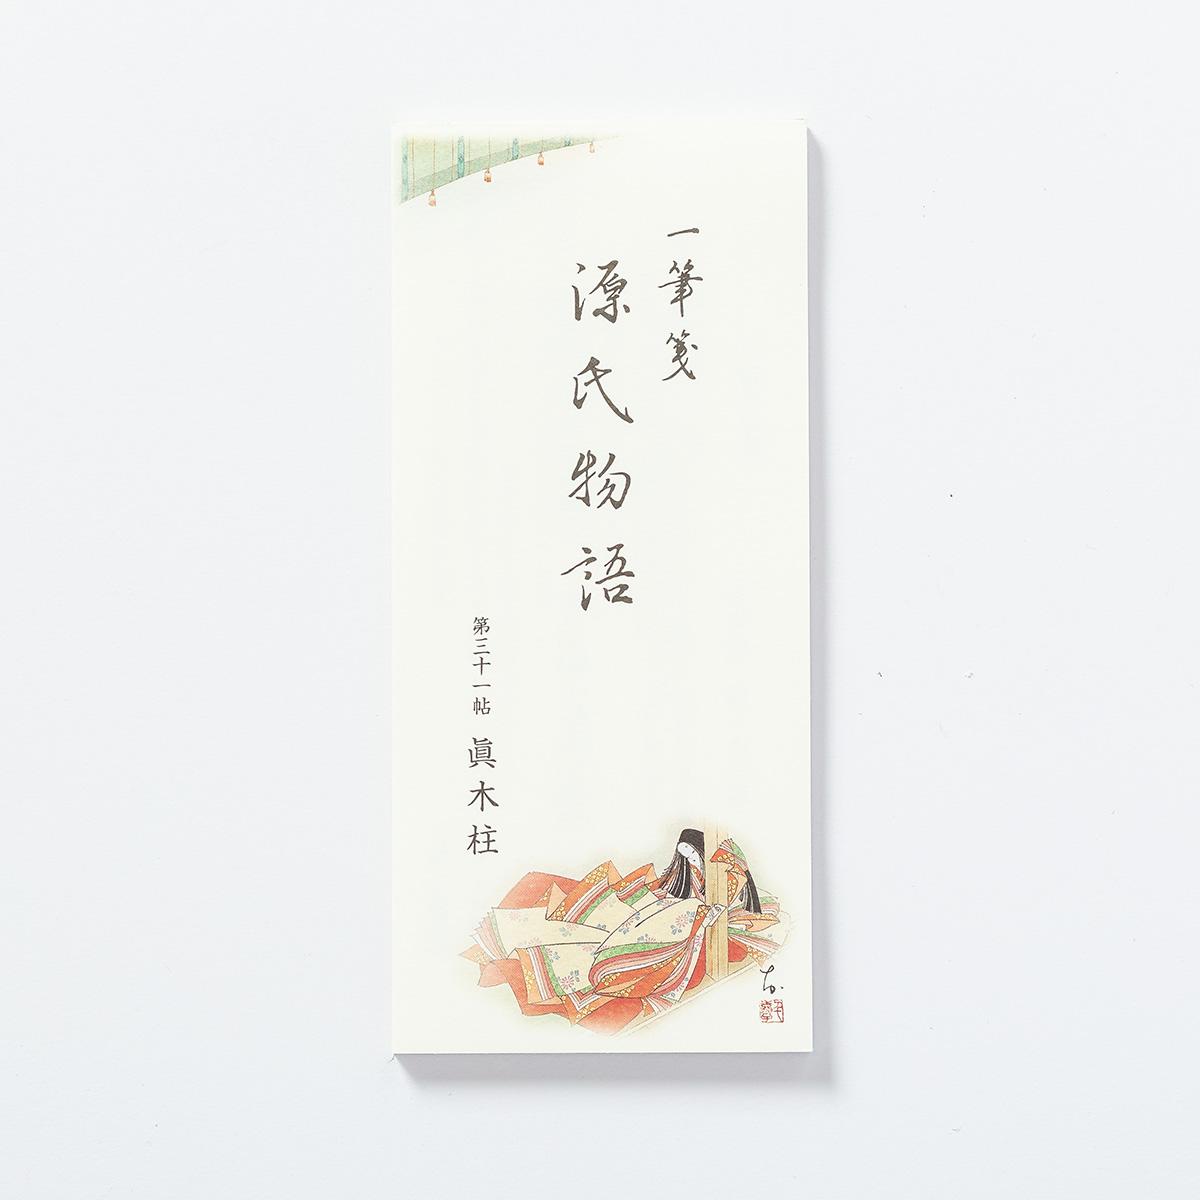 源氏物語一筆箋 第31帖「真木柱」